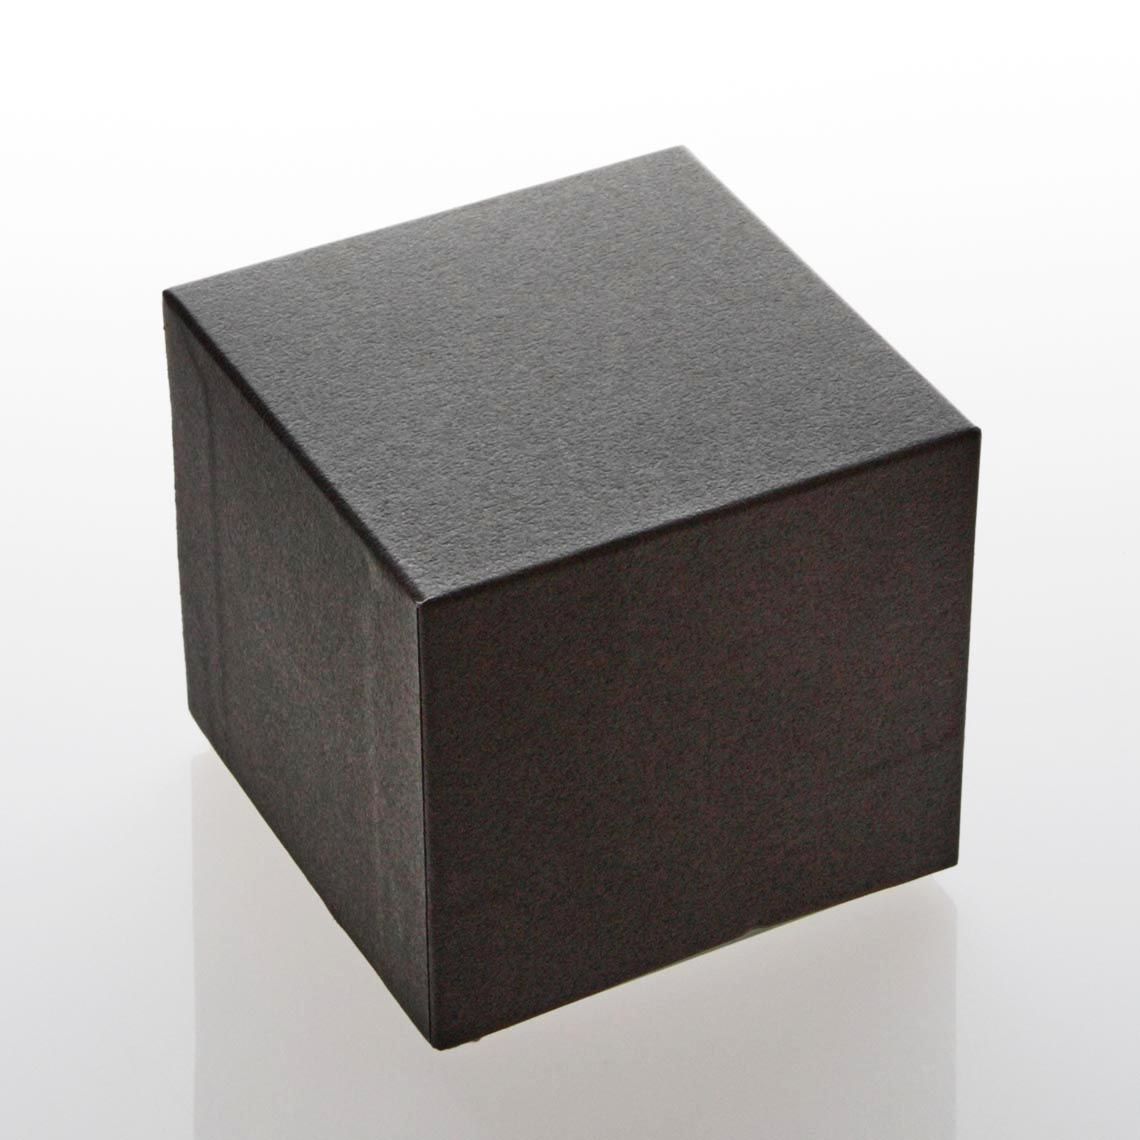 よろけ縞・そば猪口 (よろけじま・そばちょこ) 紙箱入 単品